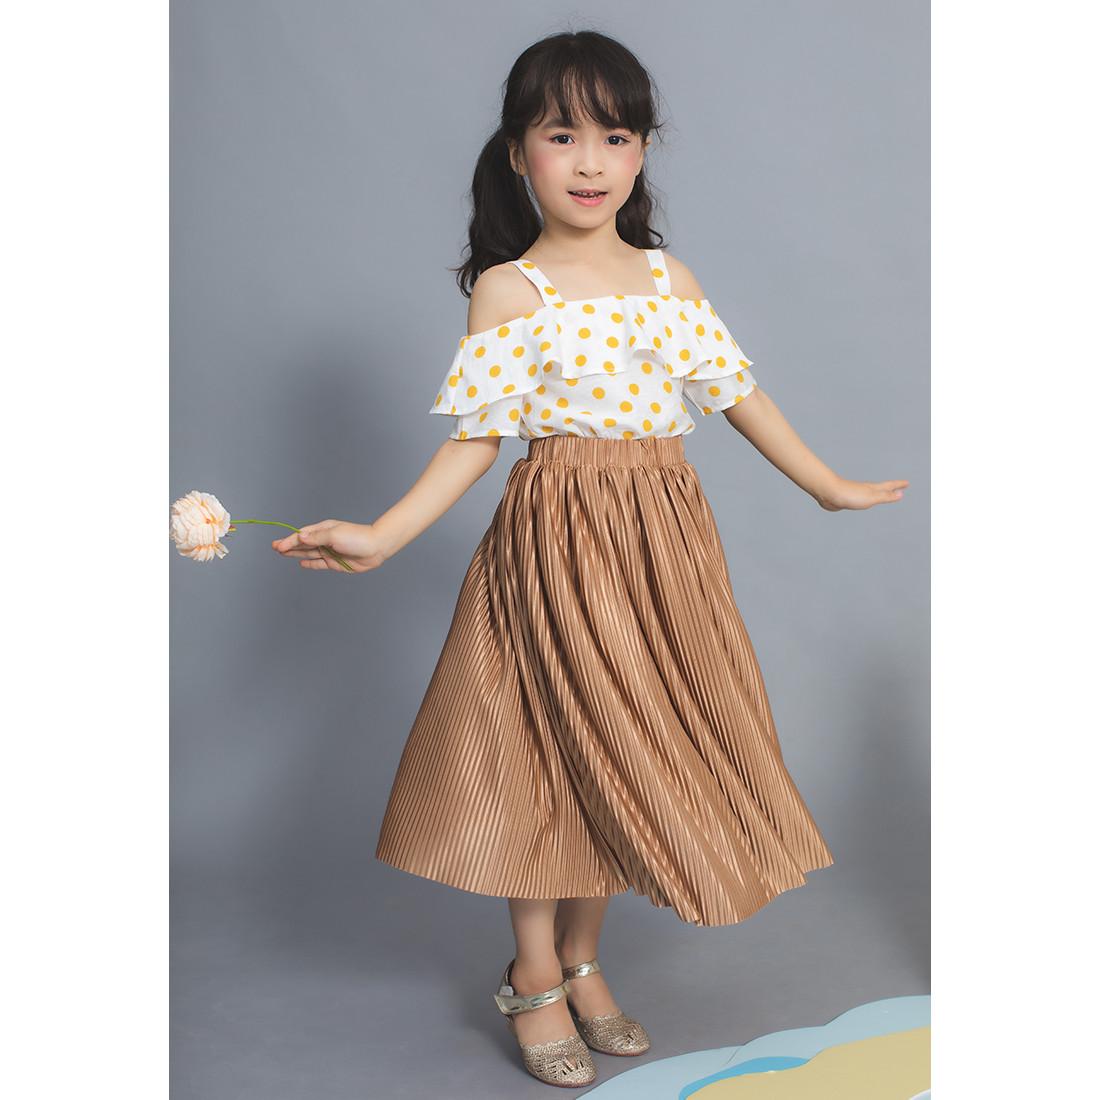 1020101496464 - Set chân váy xếp ly nâu+ áo 2 dây chấm bi vàng Lovekids - LK0347